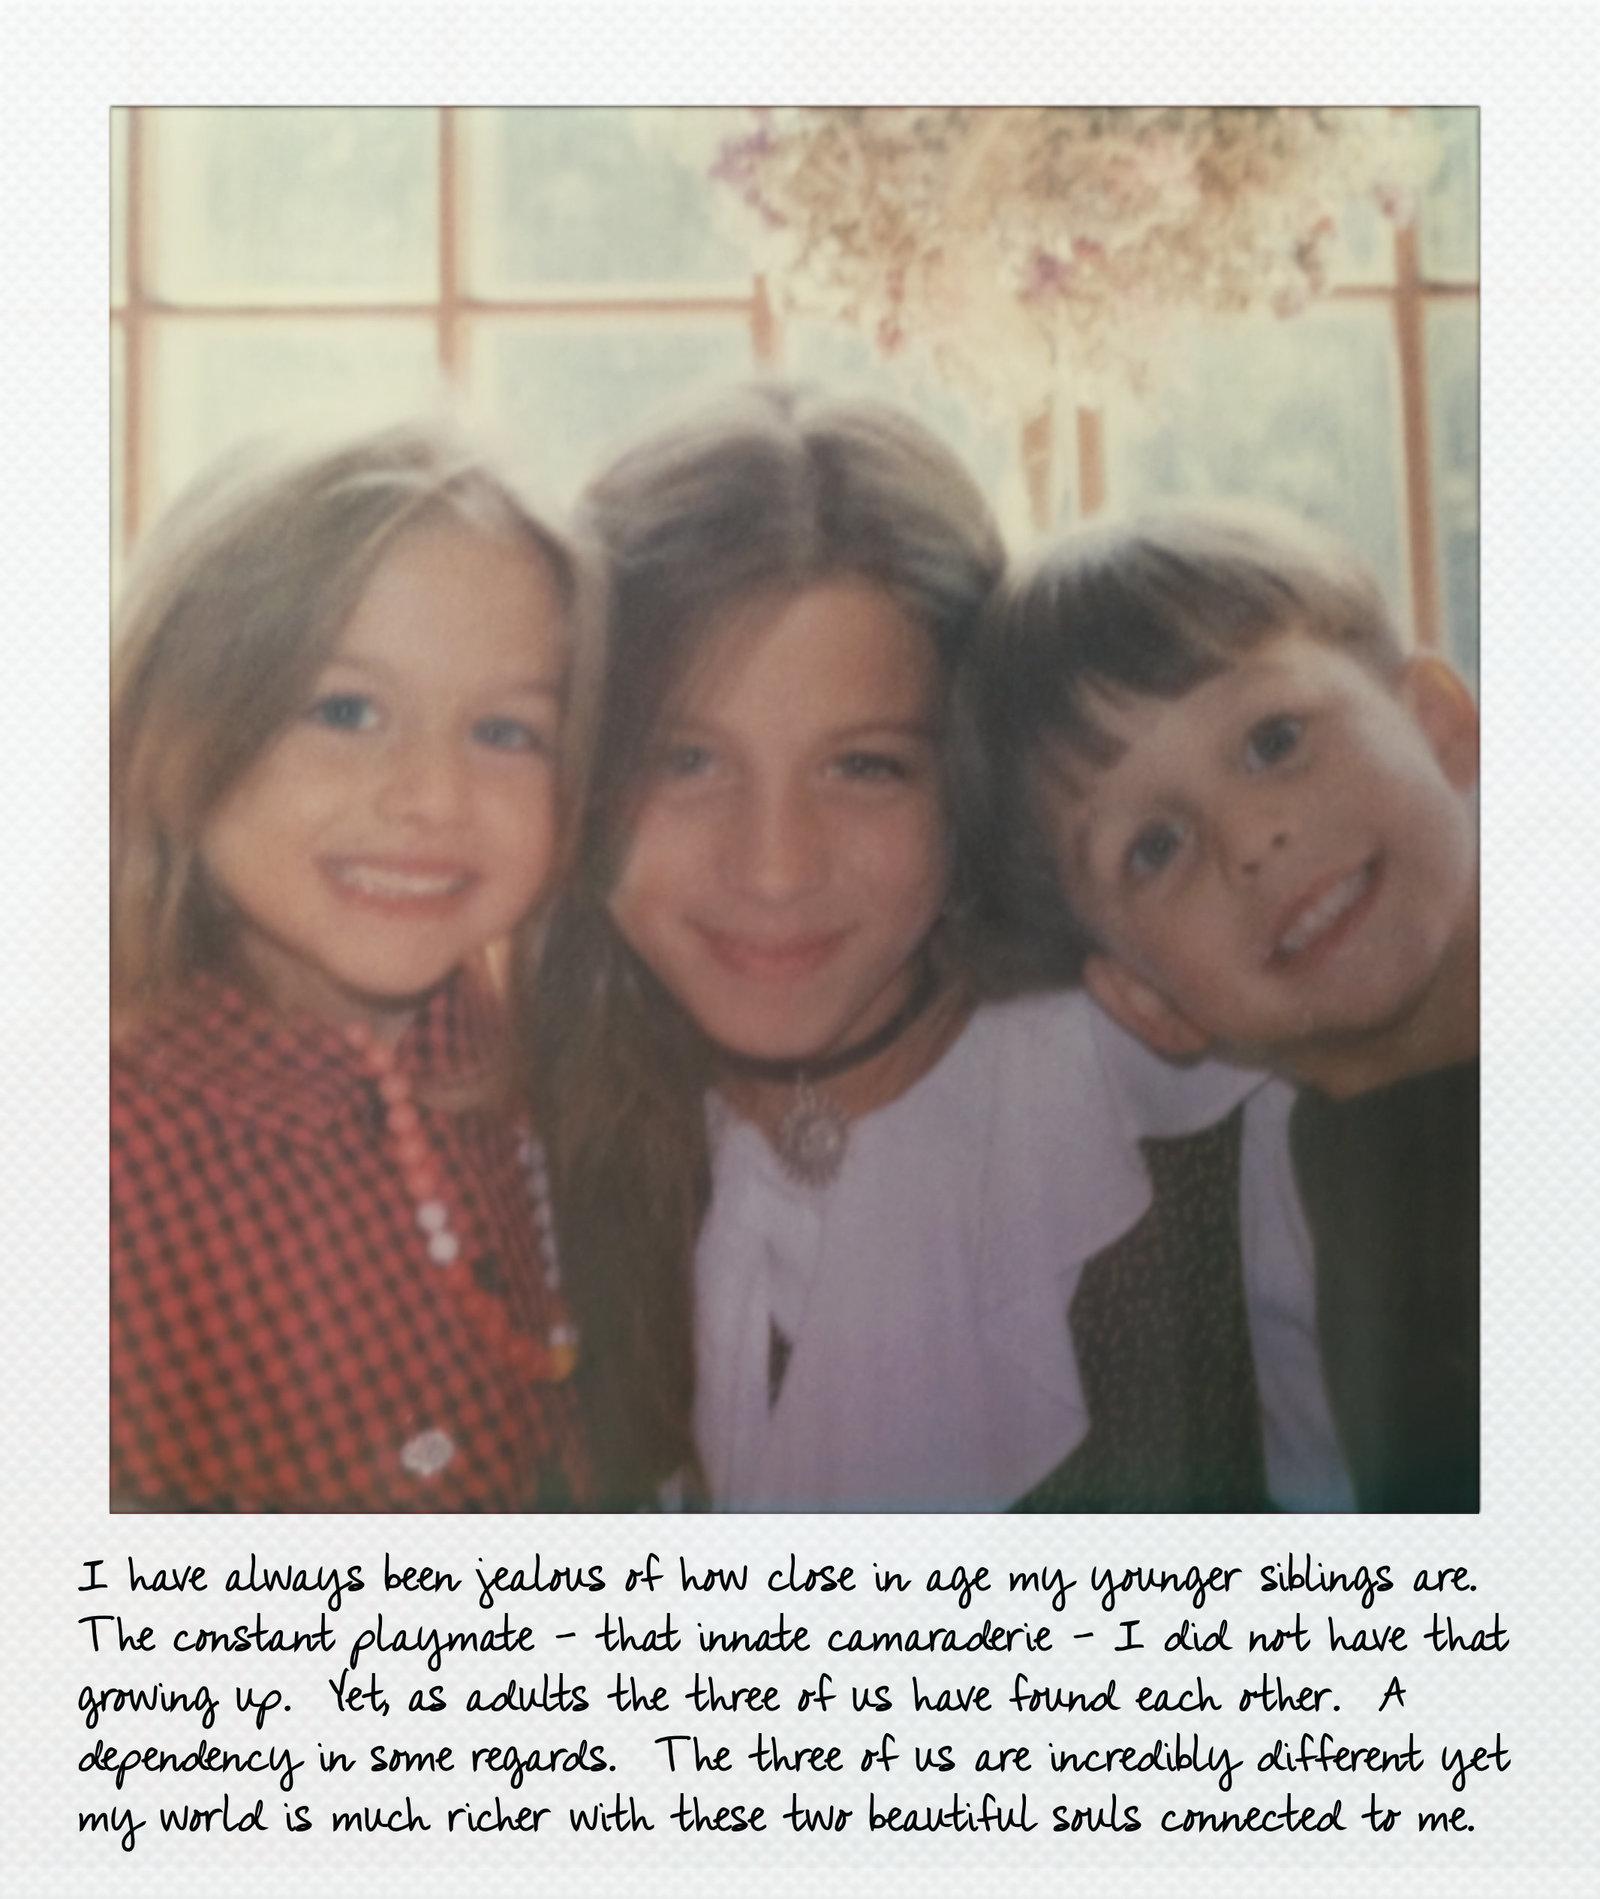 6_Siblings